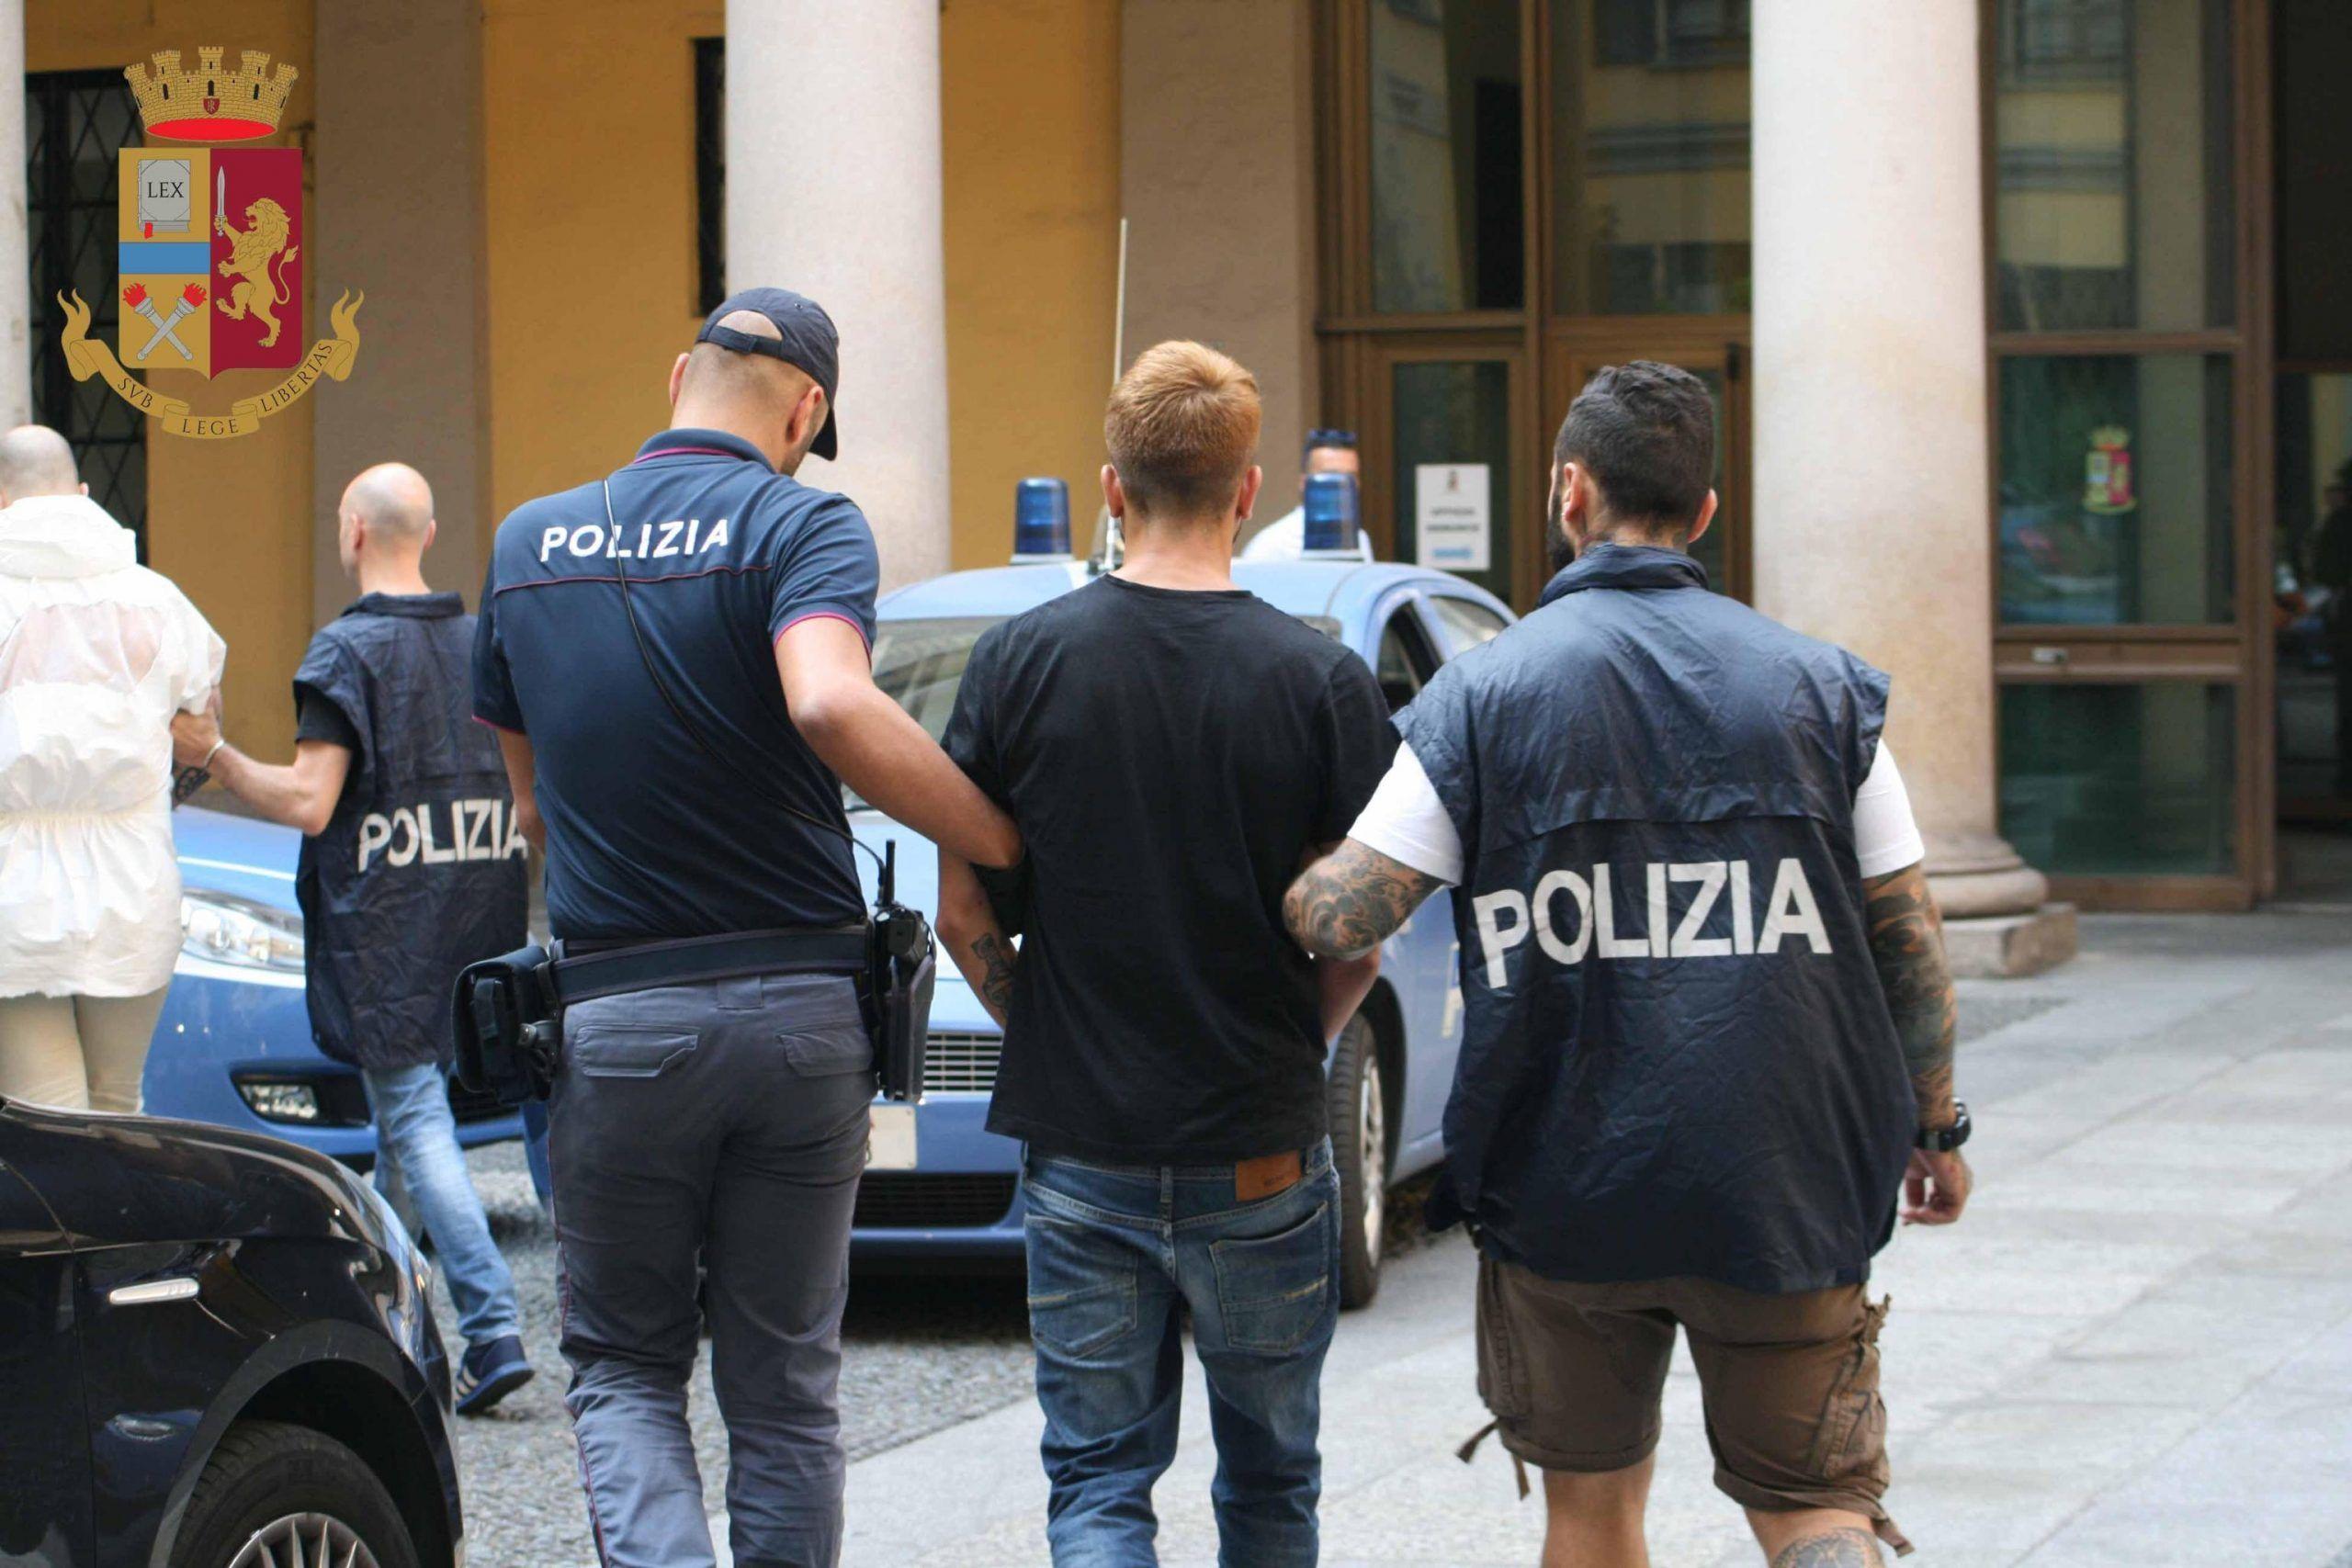 Aggressione a Niccolò Bettarini: i 4 fermati sono accusati di tentato omicidio aggravato da futili motivi